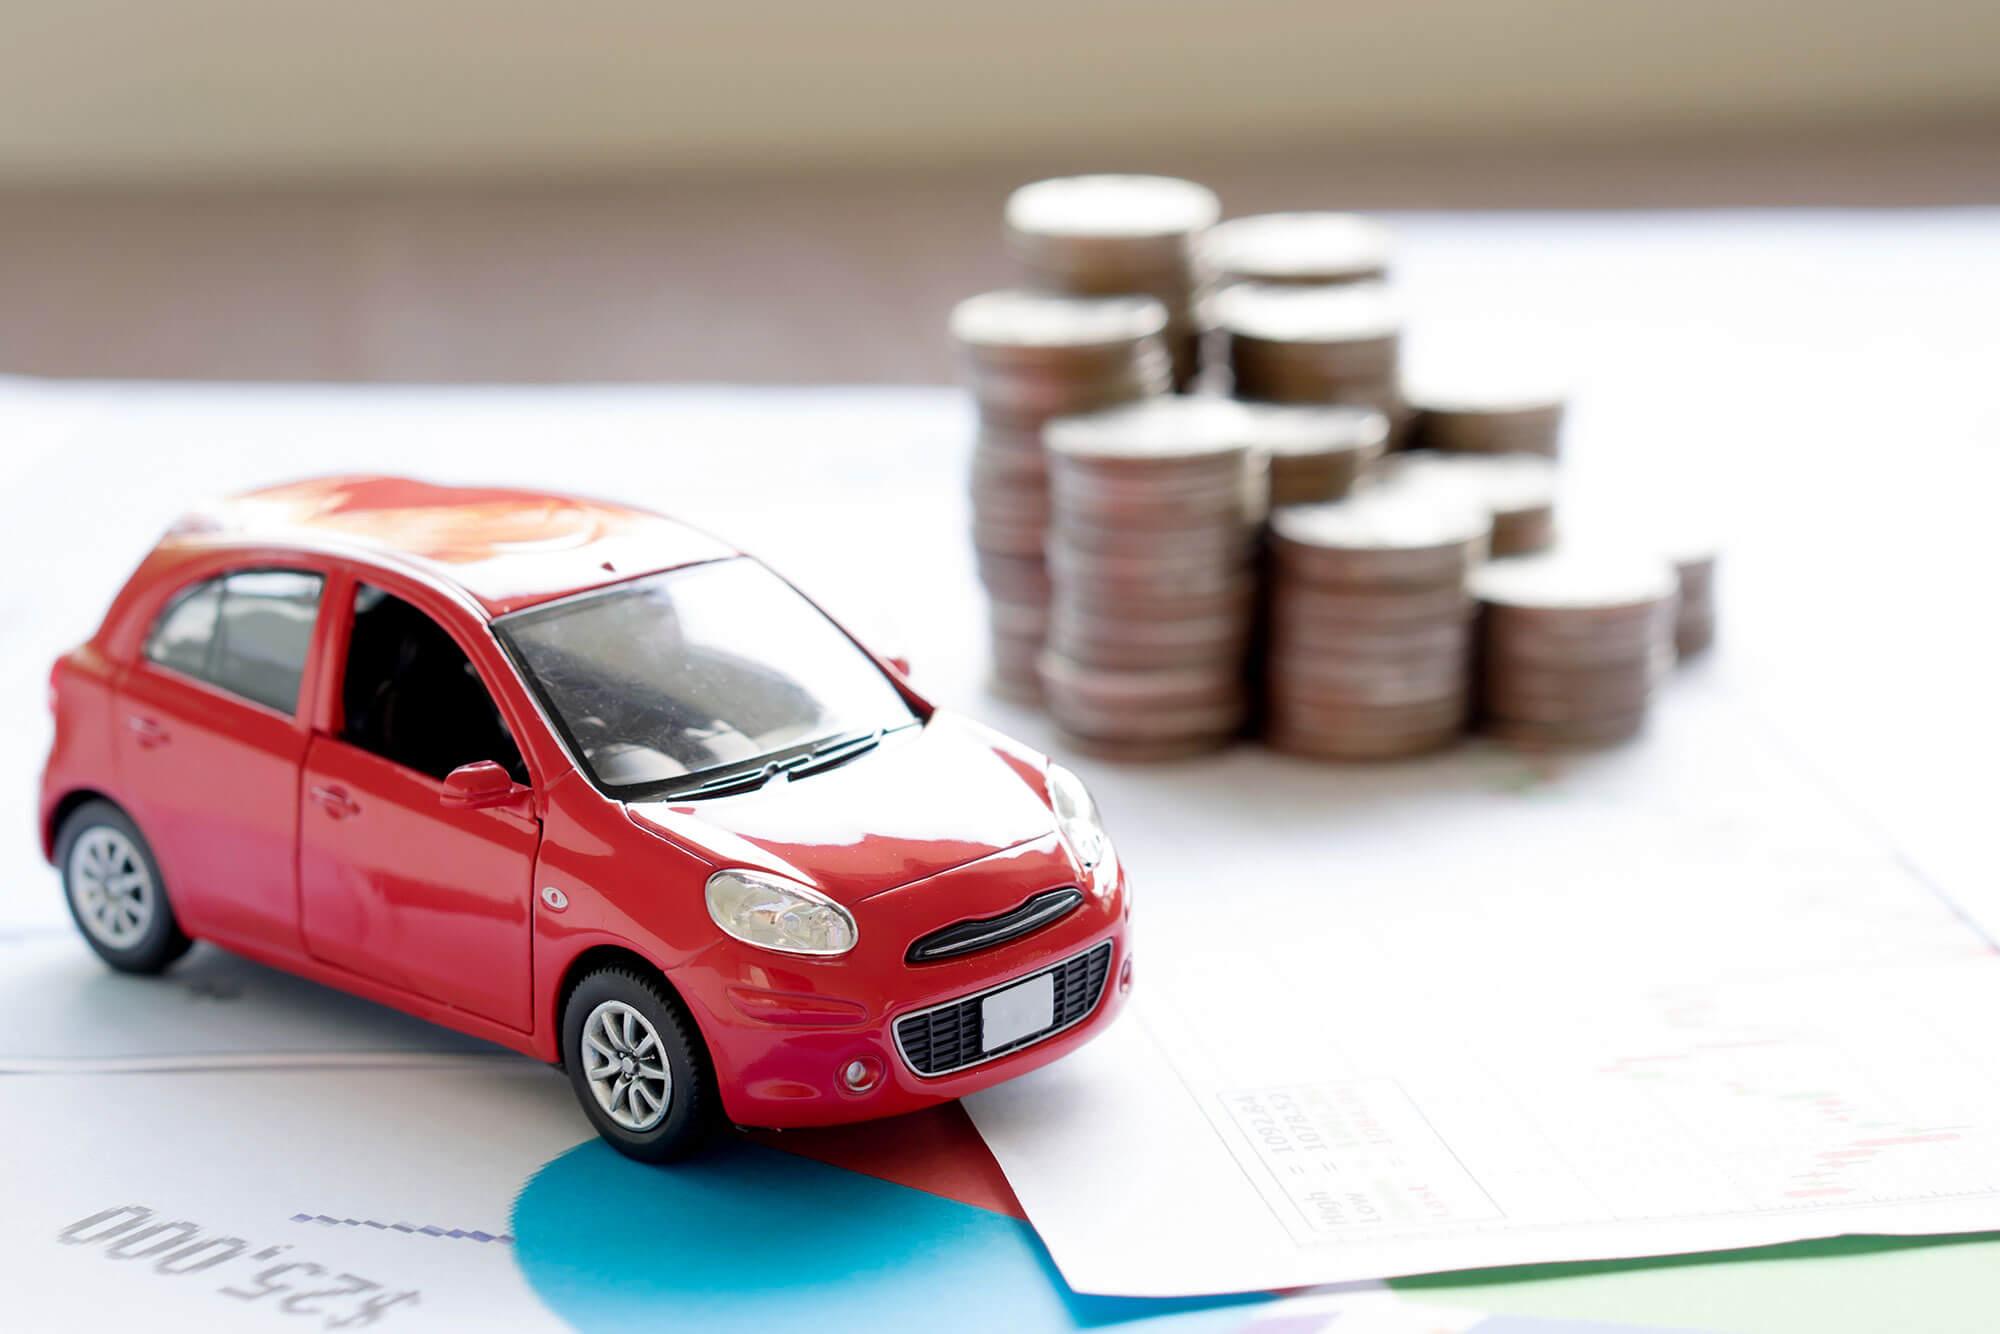 Как правильно подарить автомобиль?